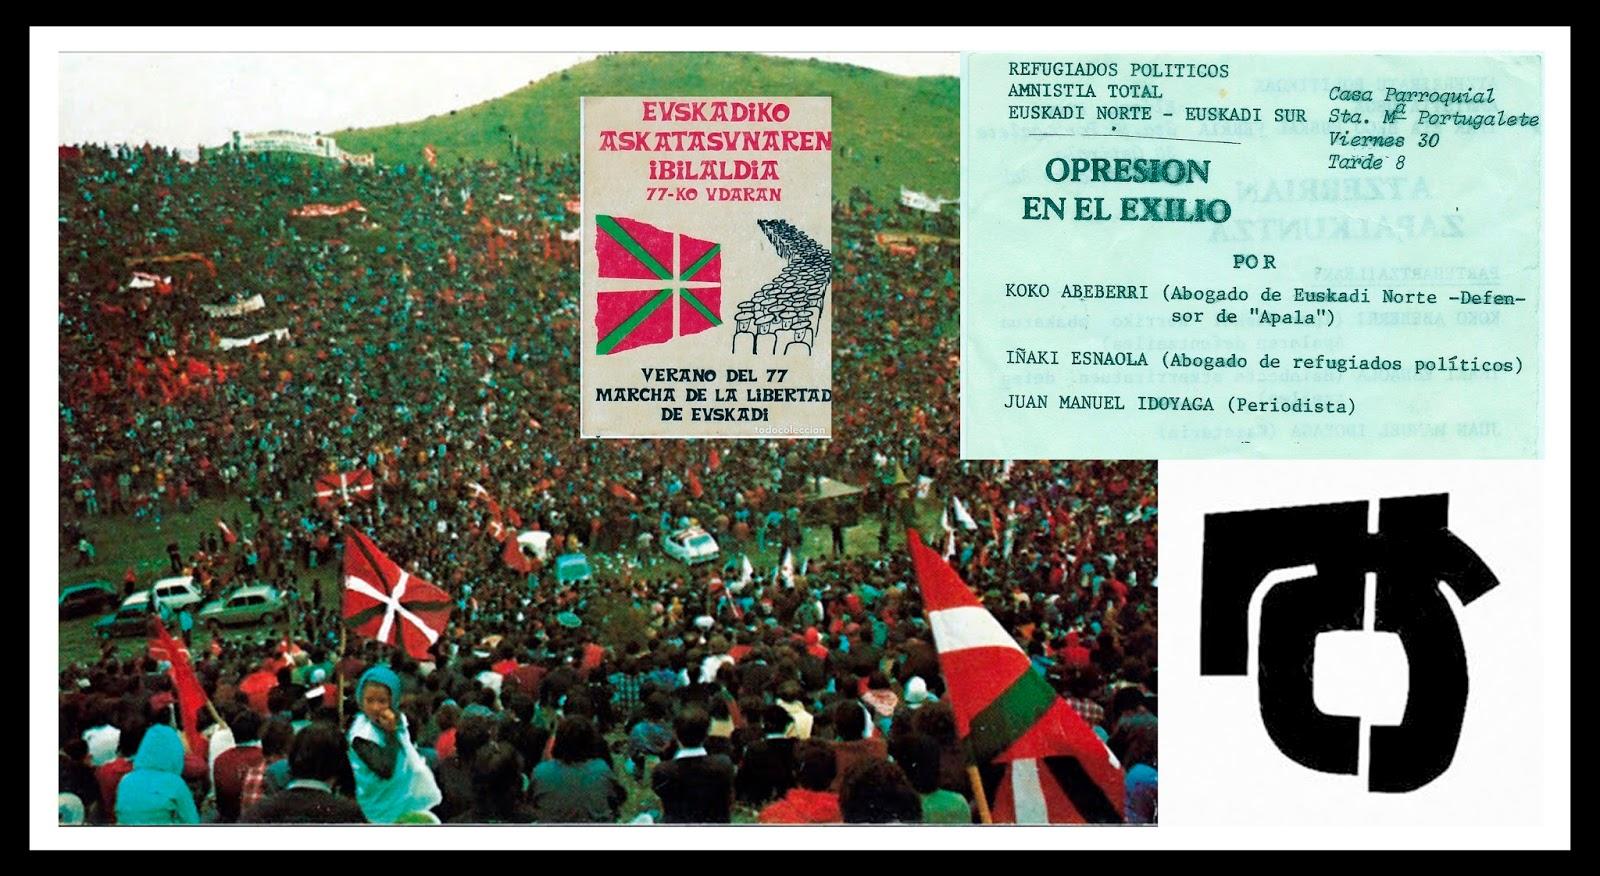 El Mareometro Blog: LA MARCHA DE LA LIBERTAD DE 1977